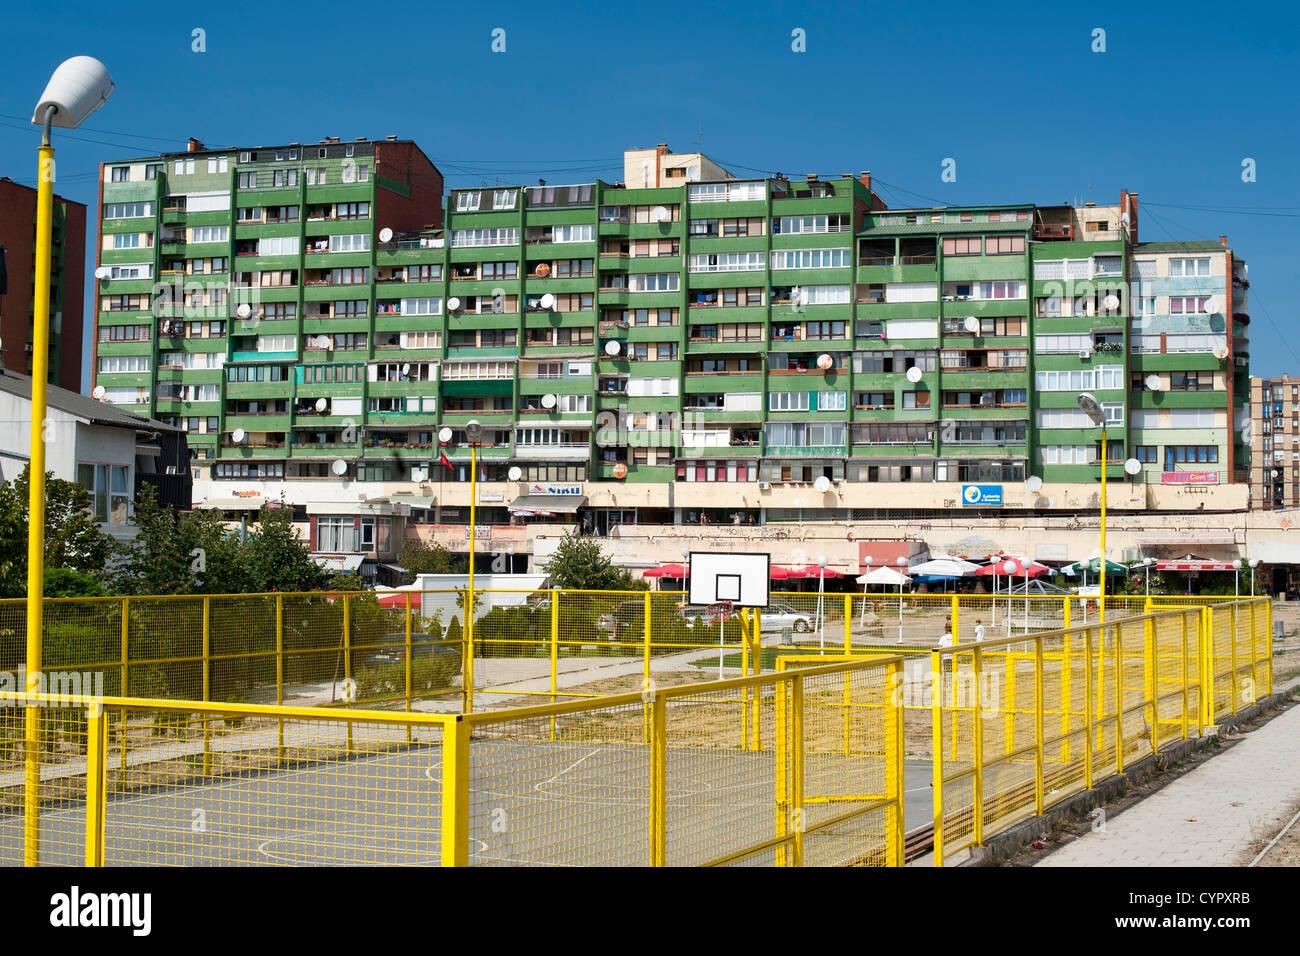 Mehrfamilienhäuser und Basketballplätze in Pristina, der Hauptstadt der Republik Kosovo. Stockbild